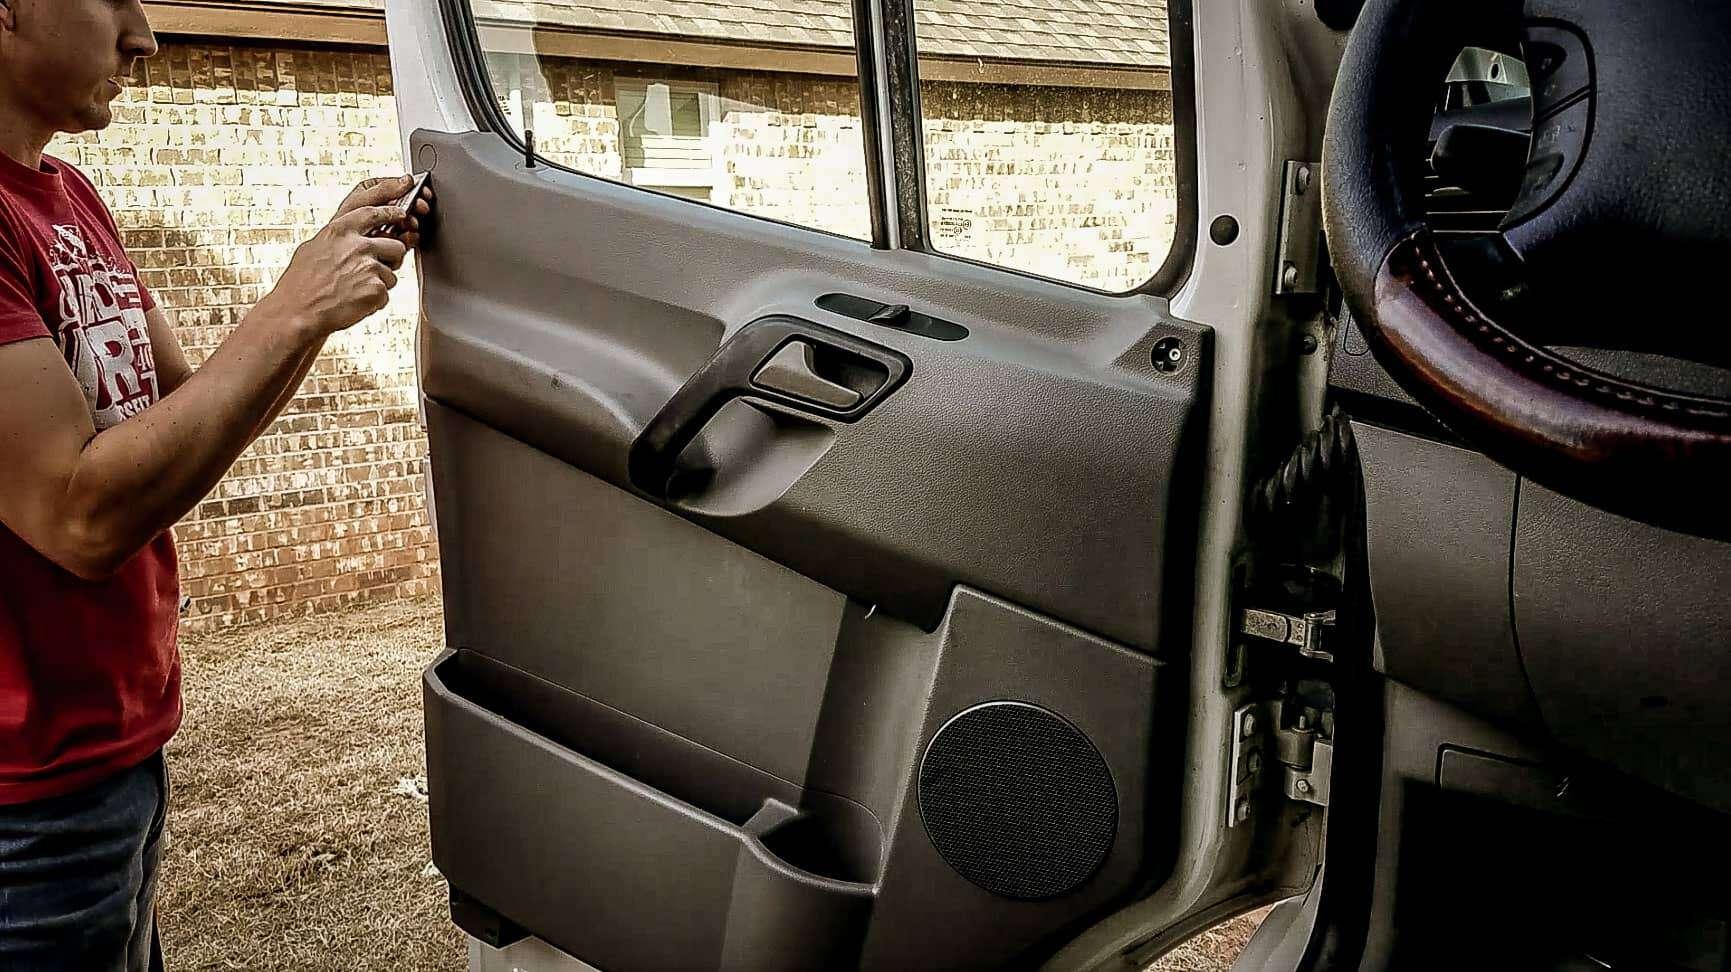 Removing door panel from Mercedes Sprinter Vanlife-2